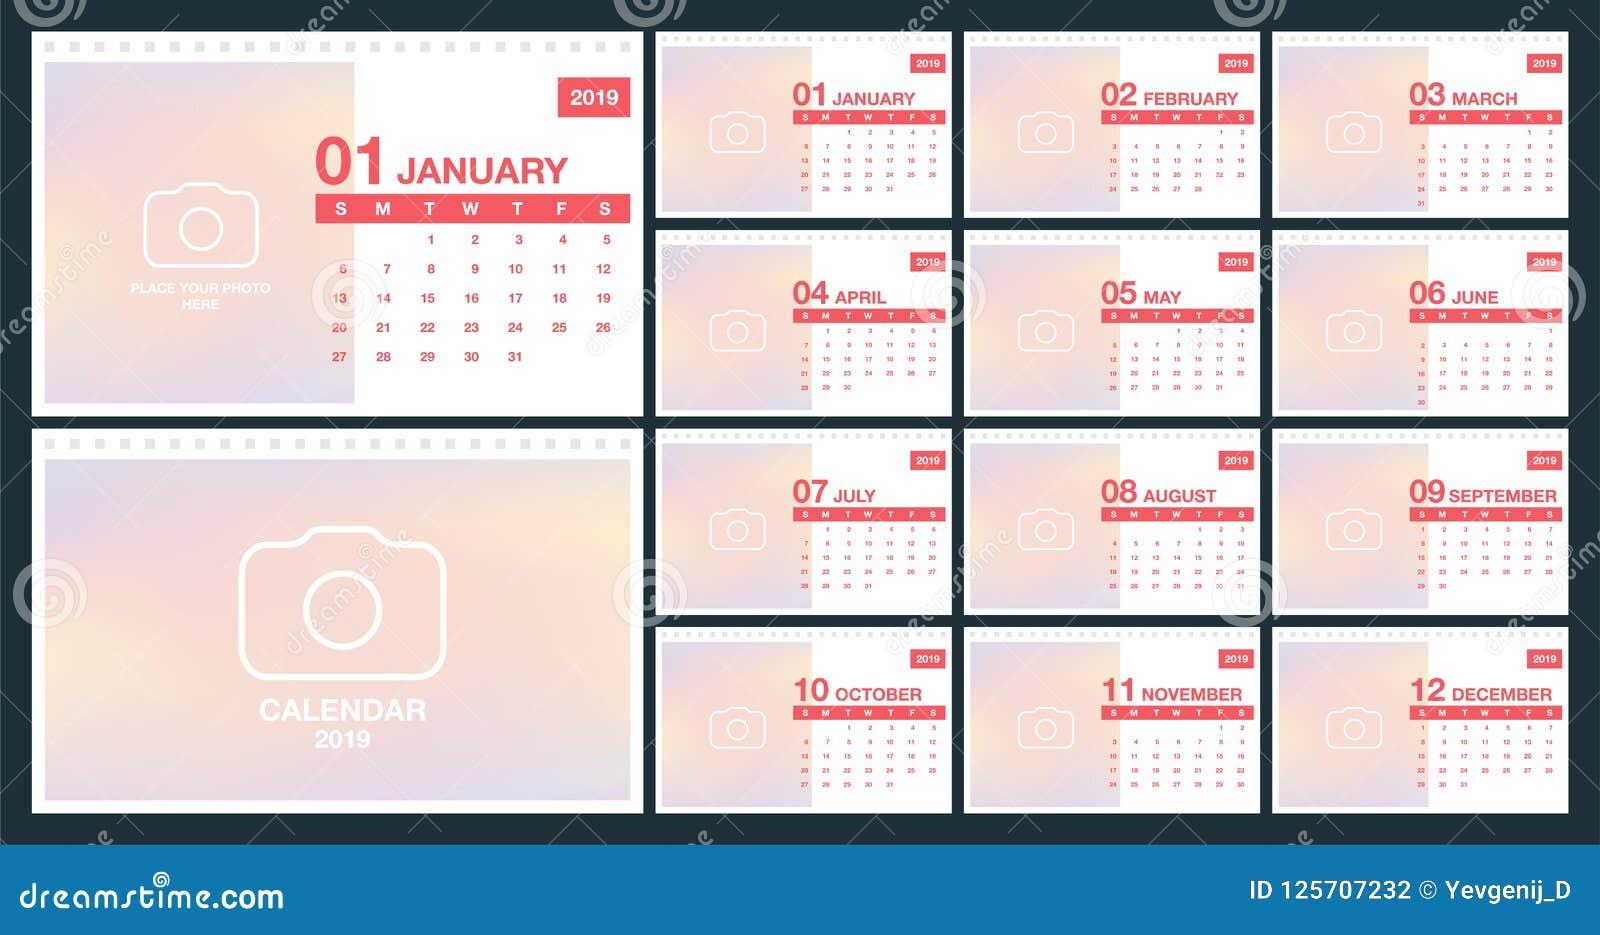 Calendar 2019 Template Desk Calendar Template Set Of 12 Months